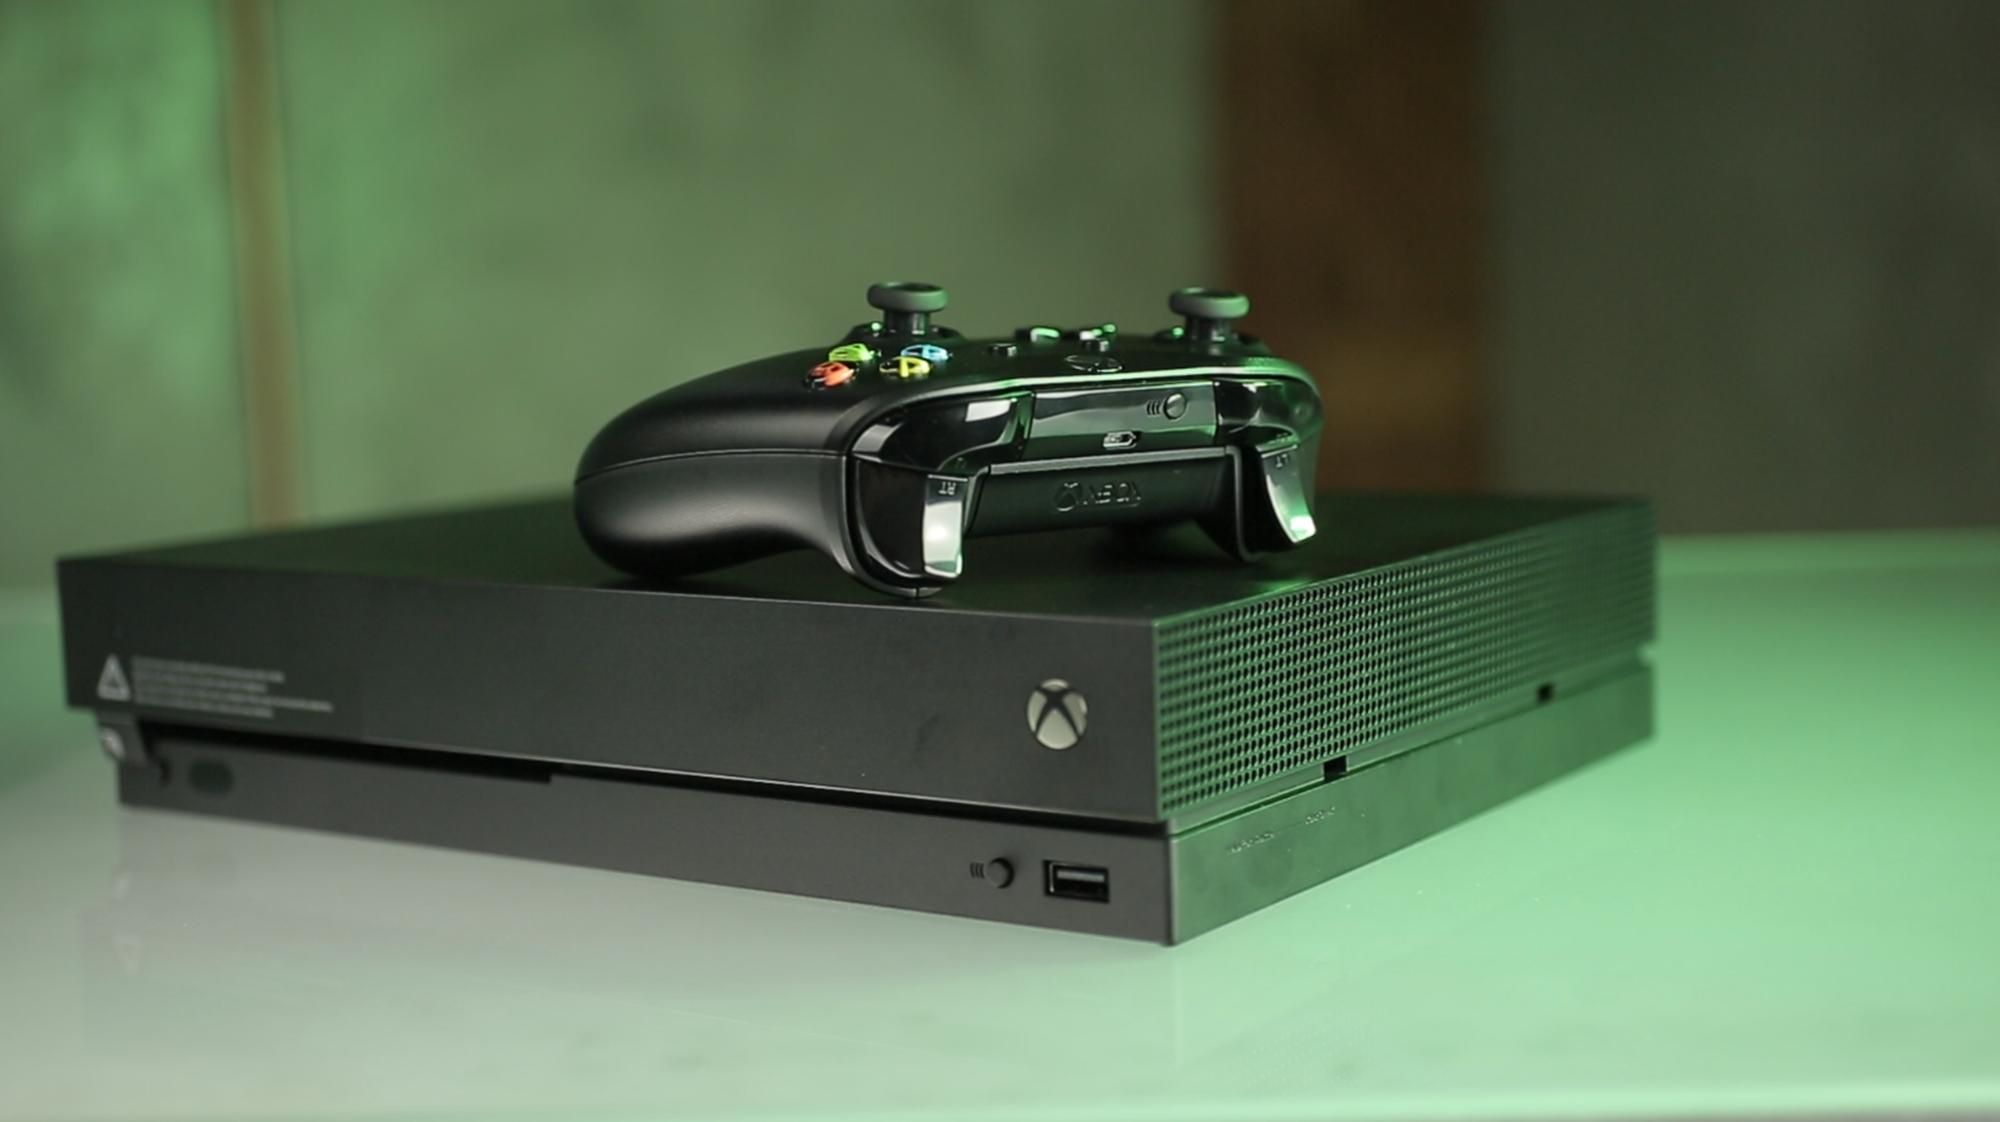 Análise: Xbox One X tem respaldo técnico de ponta e é pura crocância